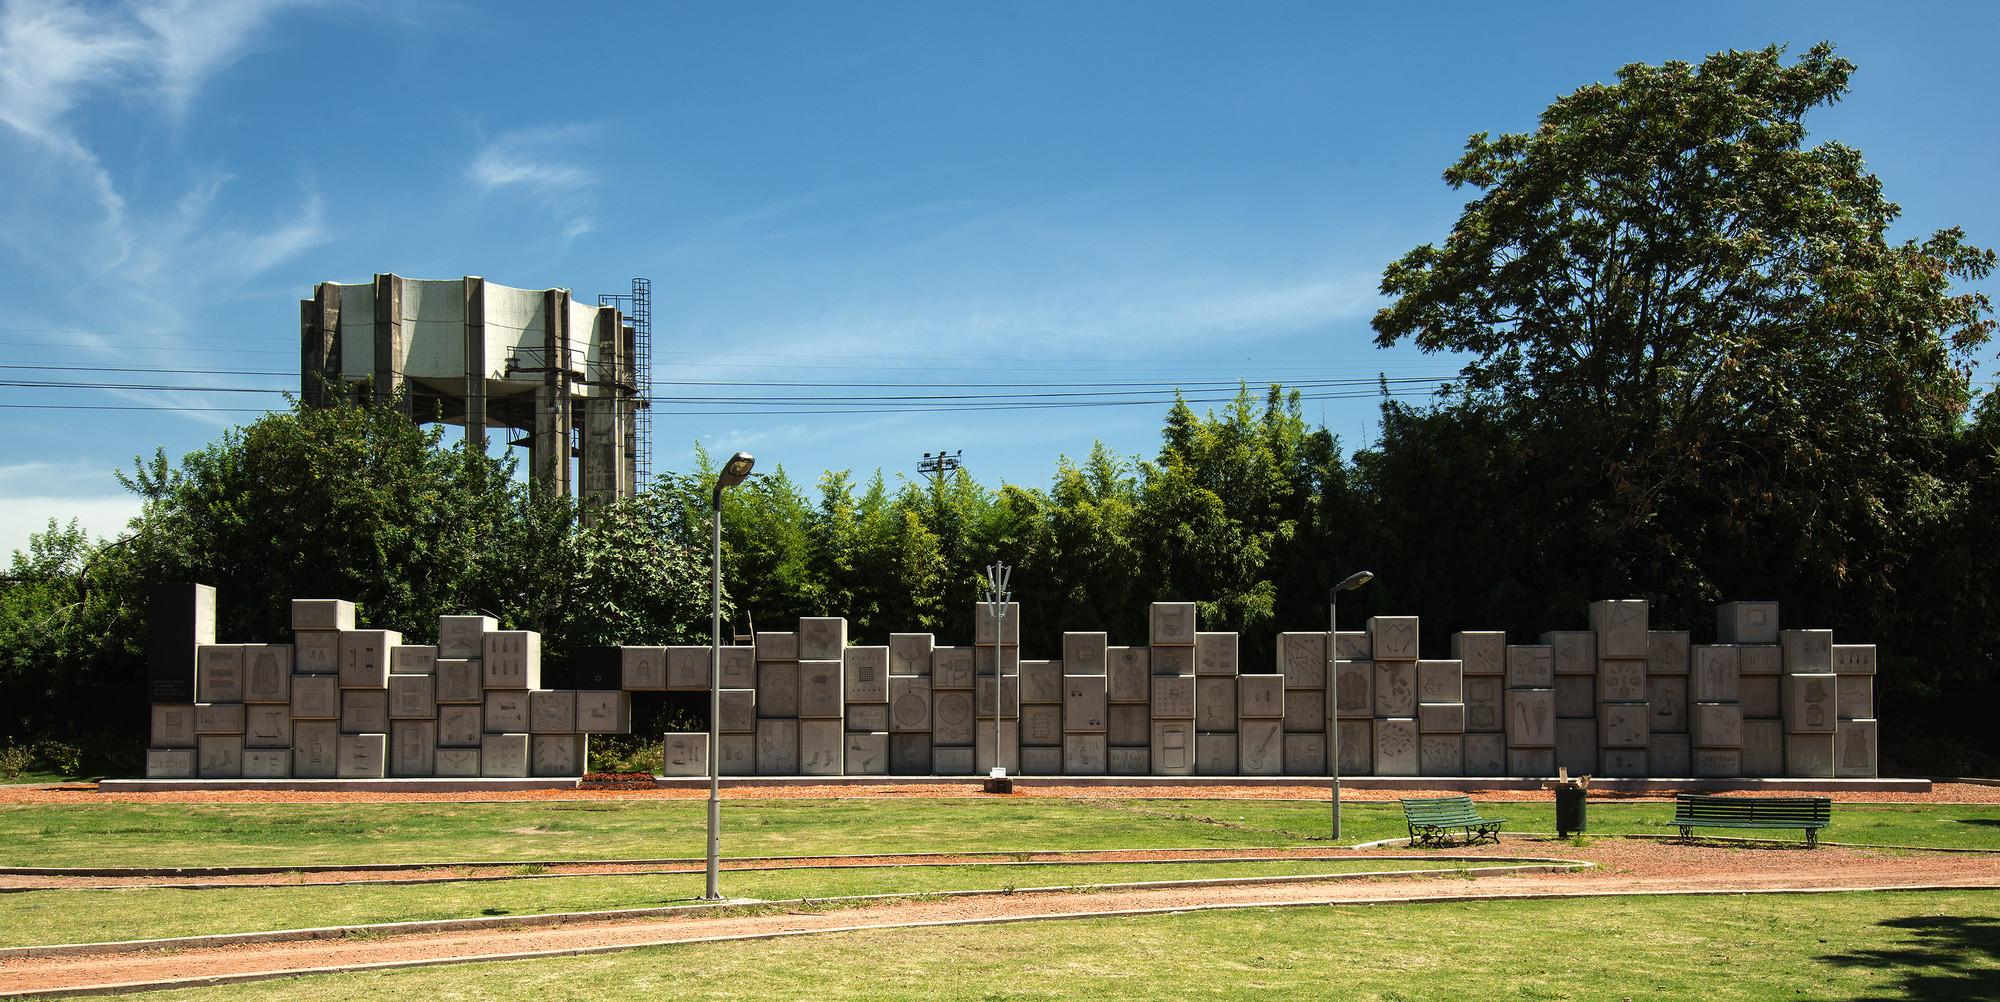 114 bloques de hormigón y huellas de objetos recuerdan a las víctimas judías en Buenos Aires, © Alejandro Leveratto